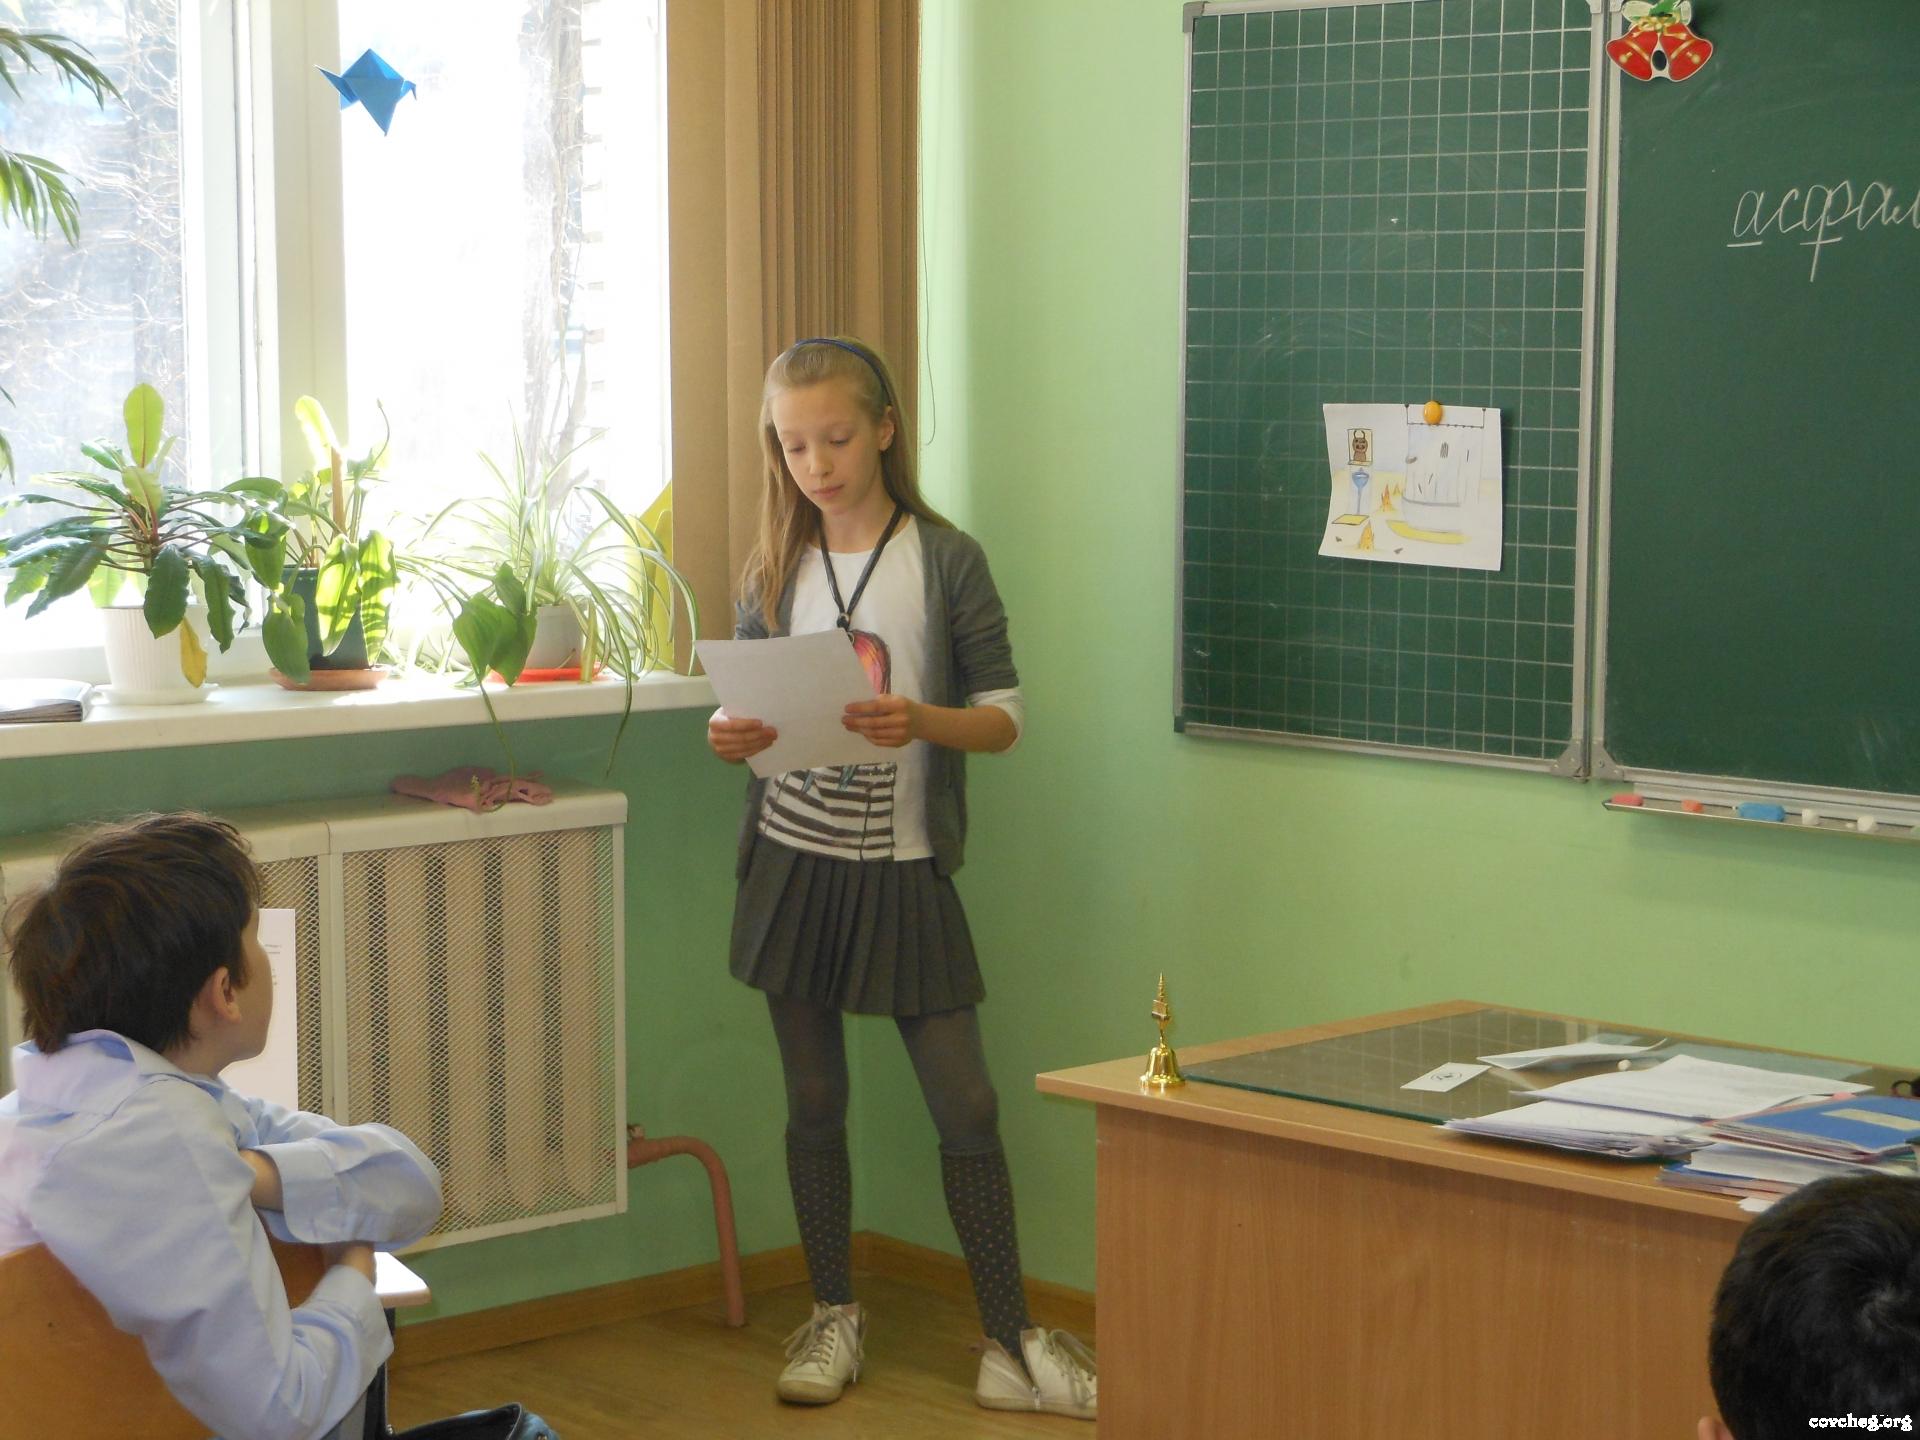 весёлые картинки из школьной жизни